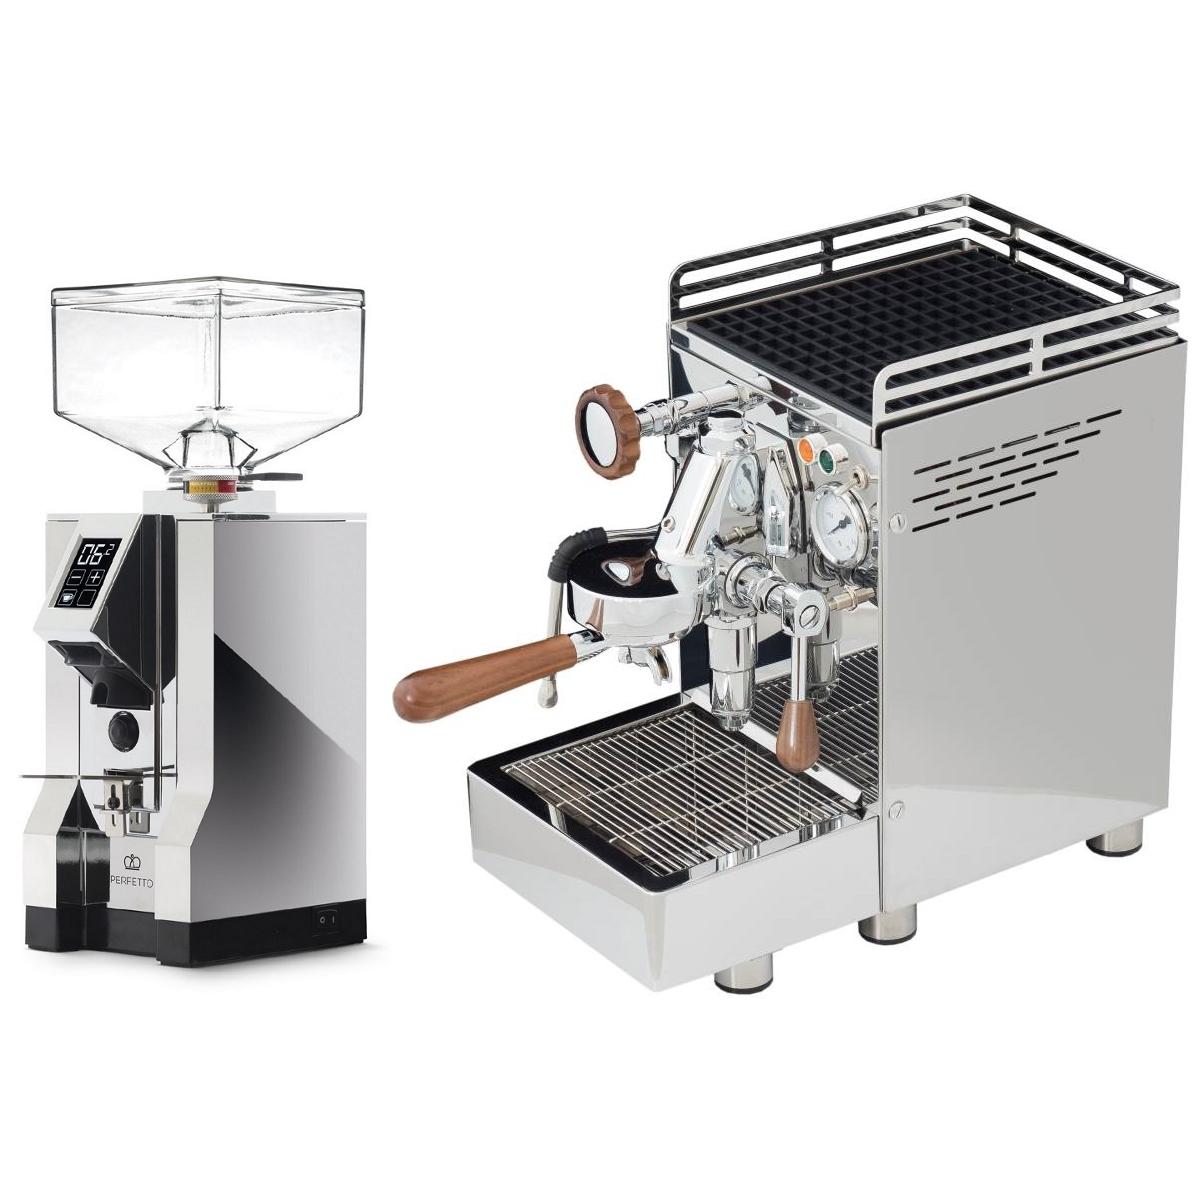 Espressor 969.coffee Elba3 + Râşniţă Eureka Mignon Specialita' 16CR - Crom